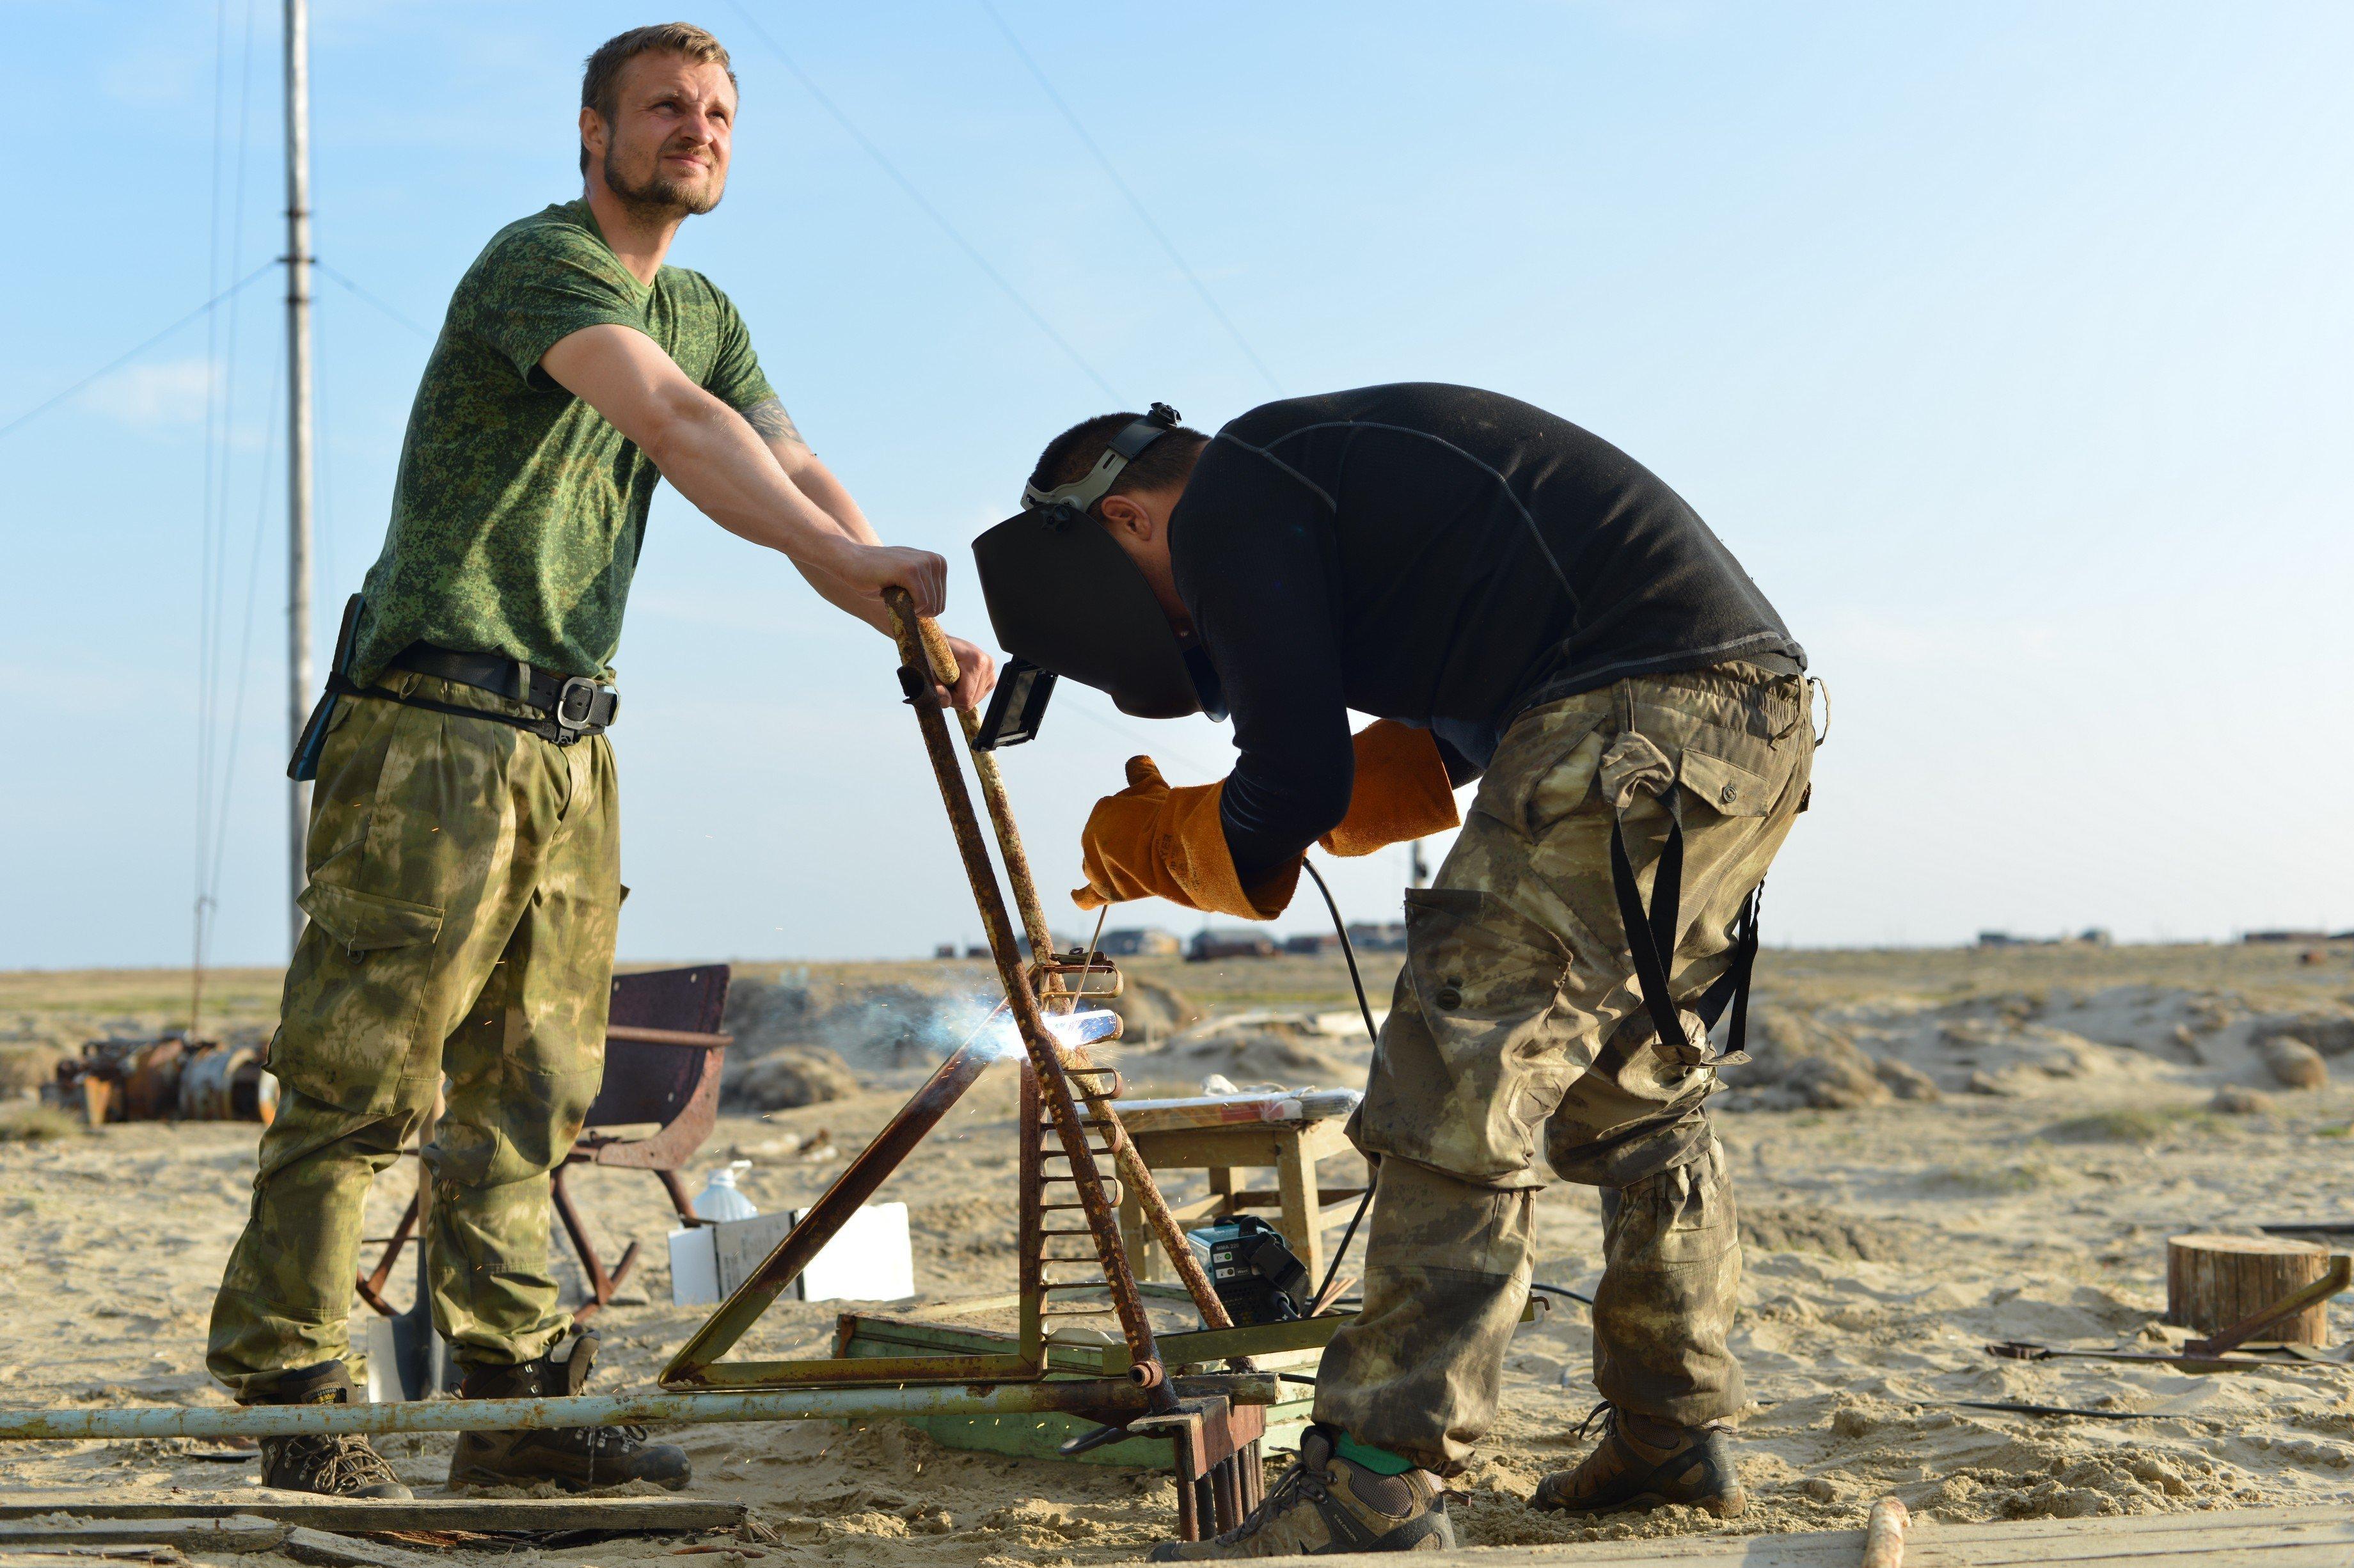 Волонтеры во время экологической экспедиции в Арктике